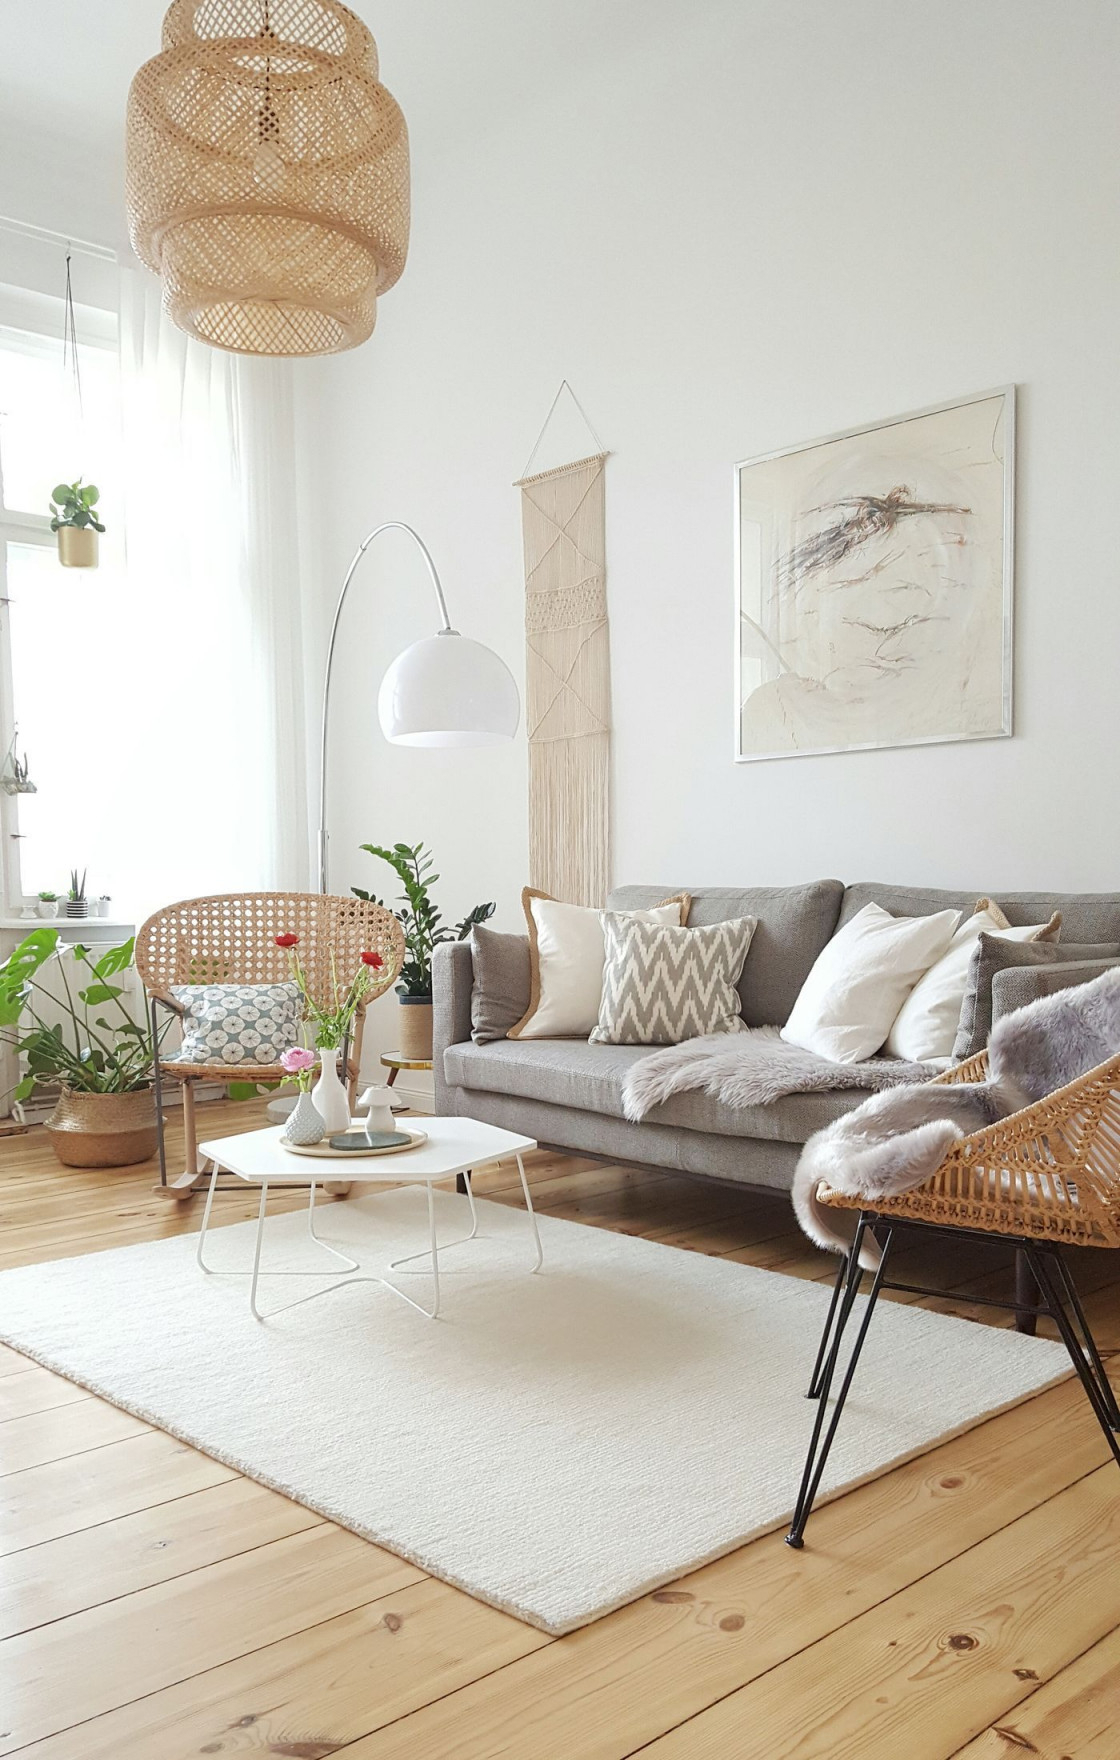 Skandinavische Wohnzimmer Einrichtungstipps Und Ideen von Skandinavische Deko Wohnzimmer Bild